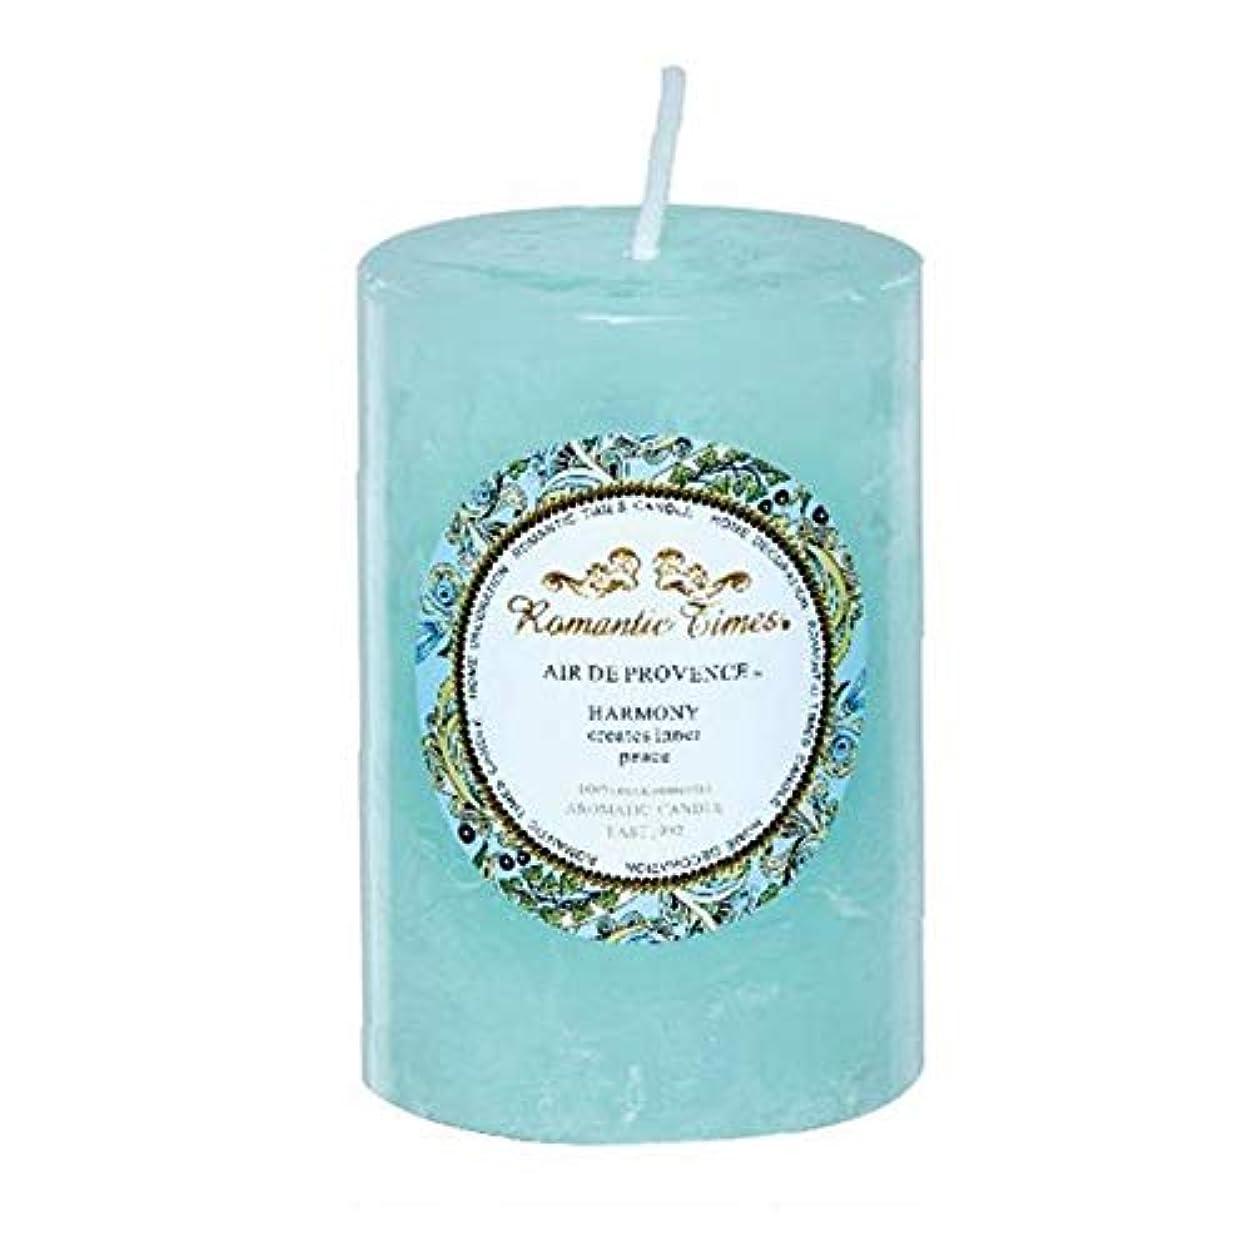 豆腐避ける腐敗したクリスマスキャンドル、家庭光のバスルームには装飾的な芳香入浴瞑想を香りの香り,M3